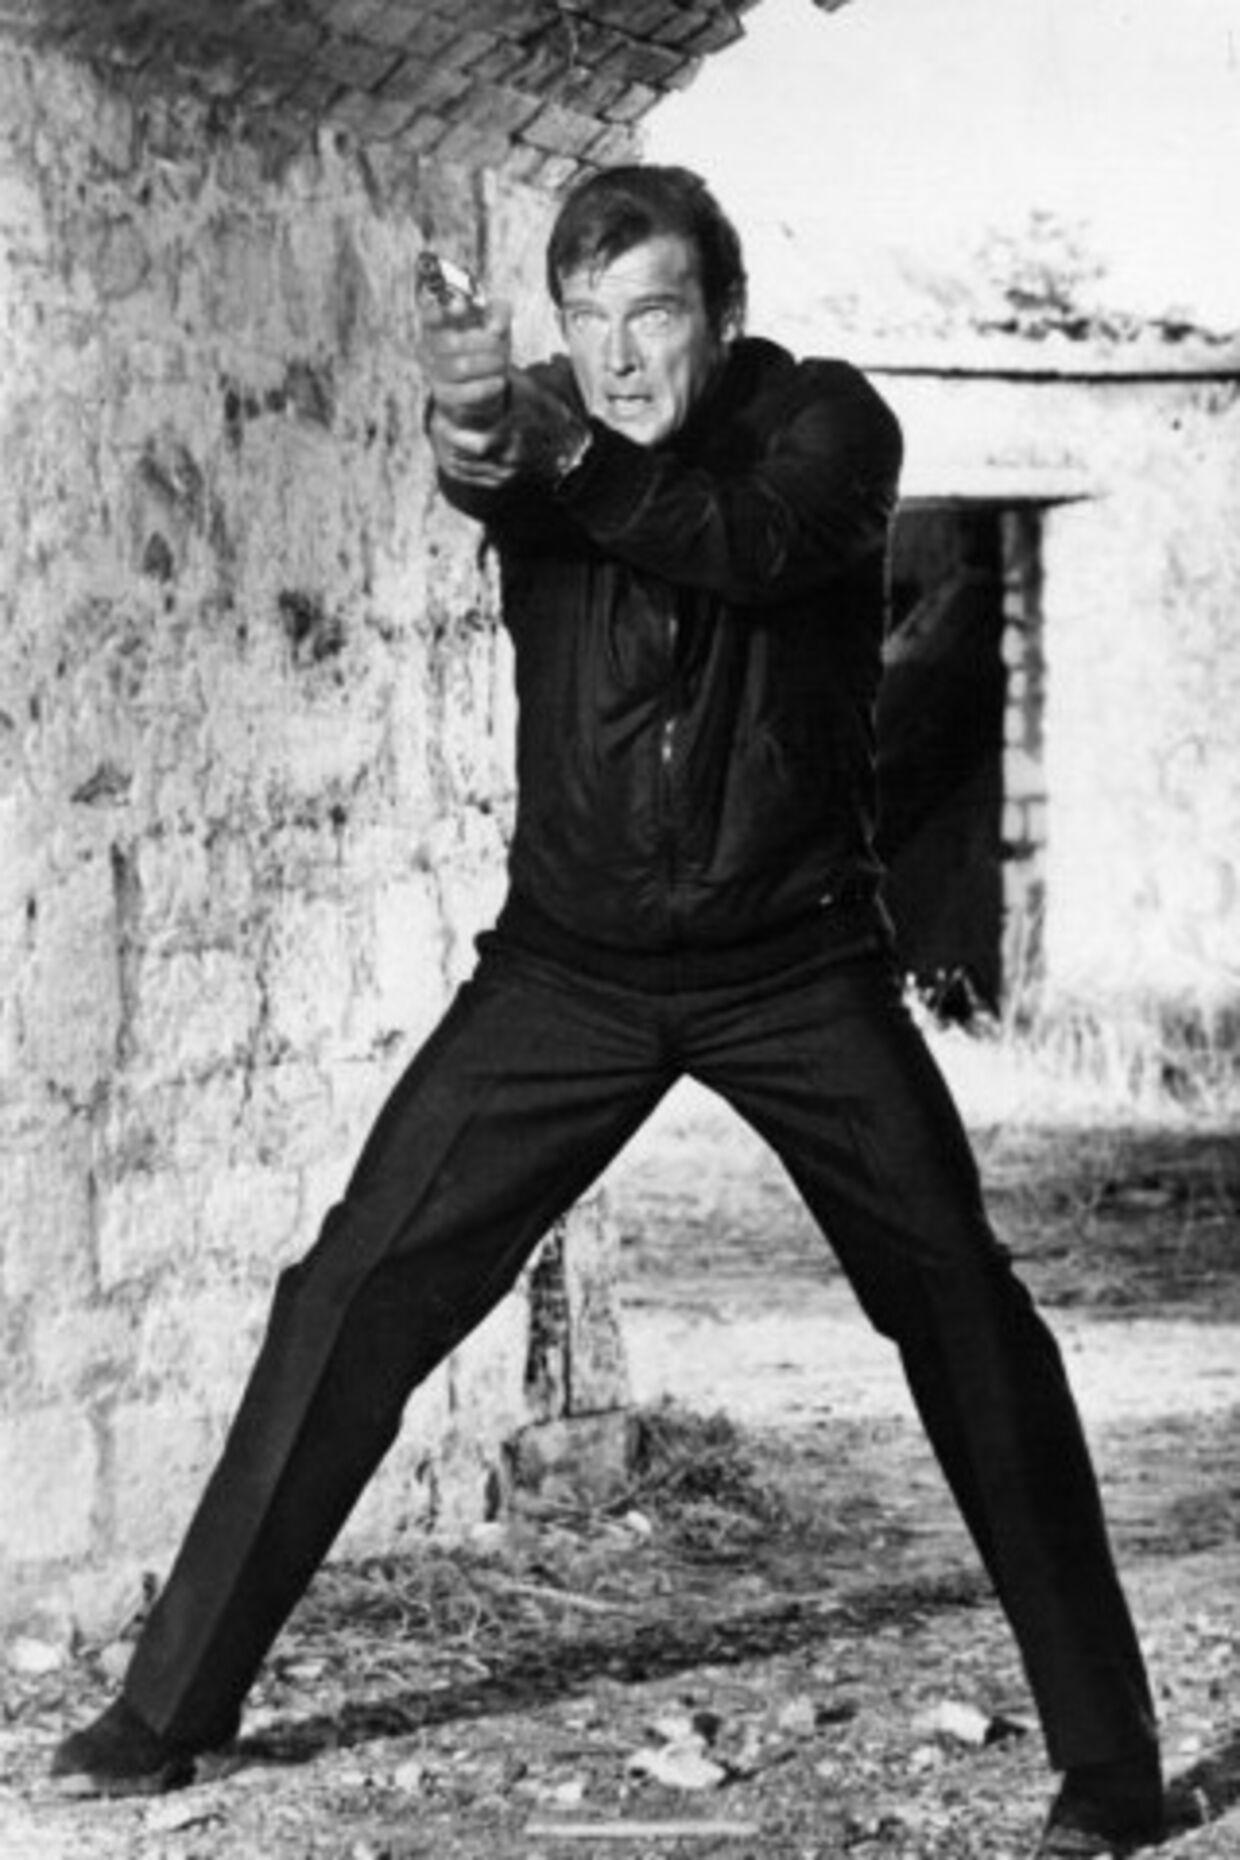 Ingen er fuldkommen. Da Agent 007 alias Roger Moore fandt ud af, at hans nyeste Bond-pige Caroline slet ikke var en pige, smilte han blot stille og sagde: 'oh, my'. Foto: Scanpix